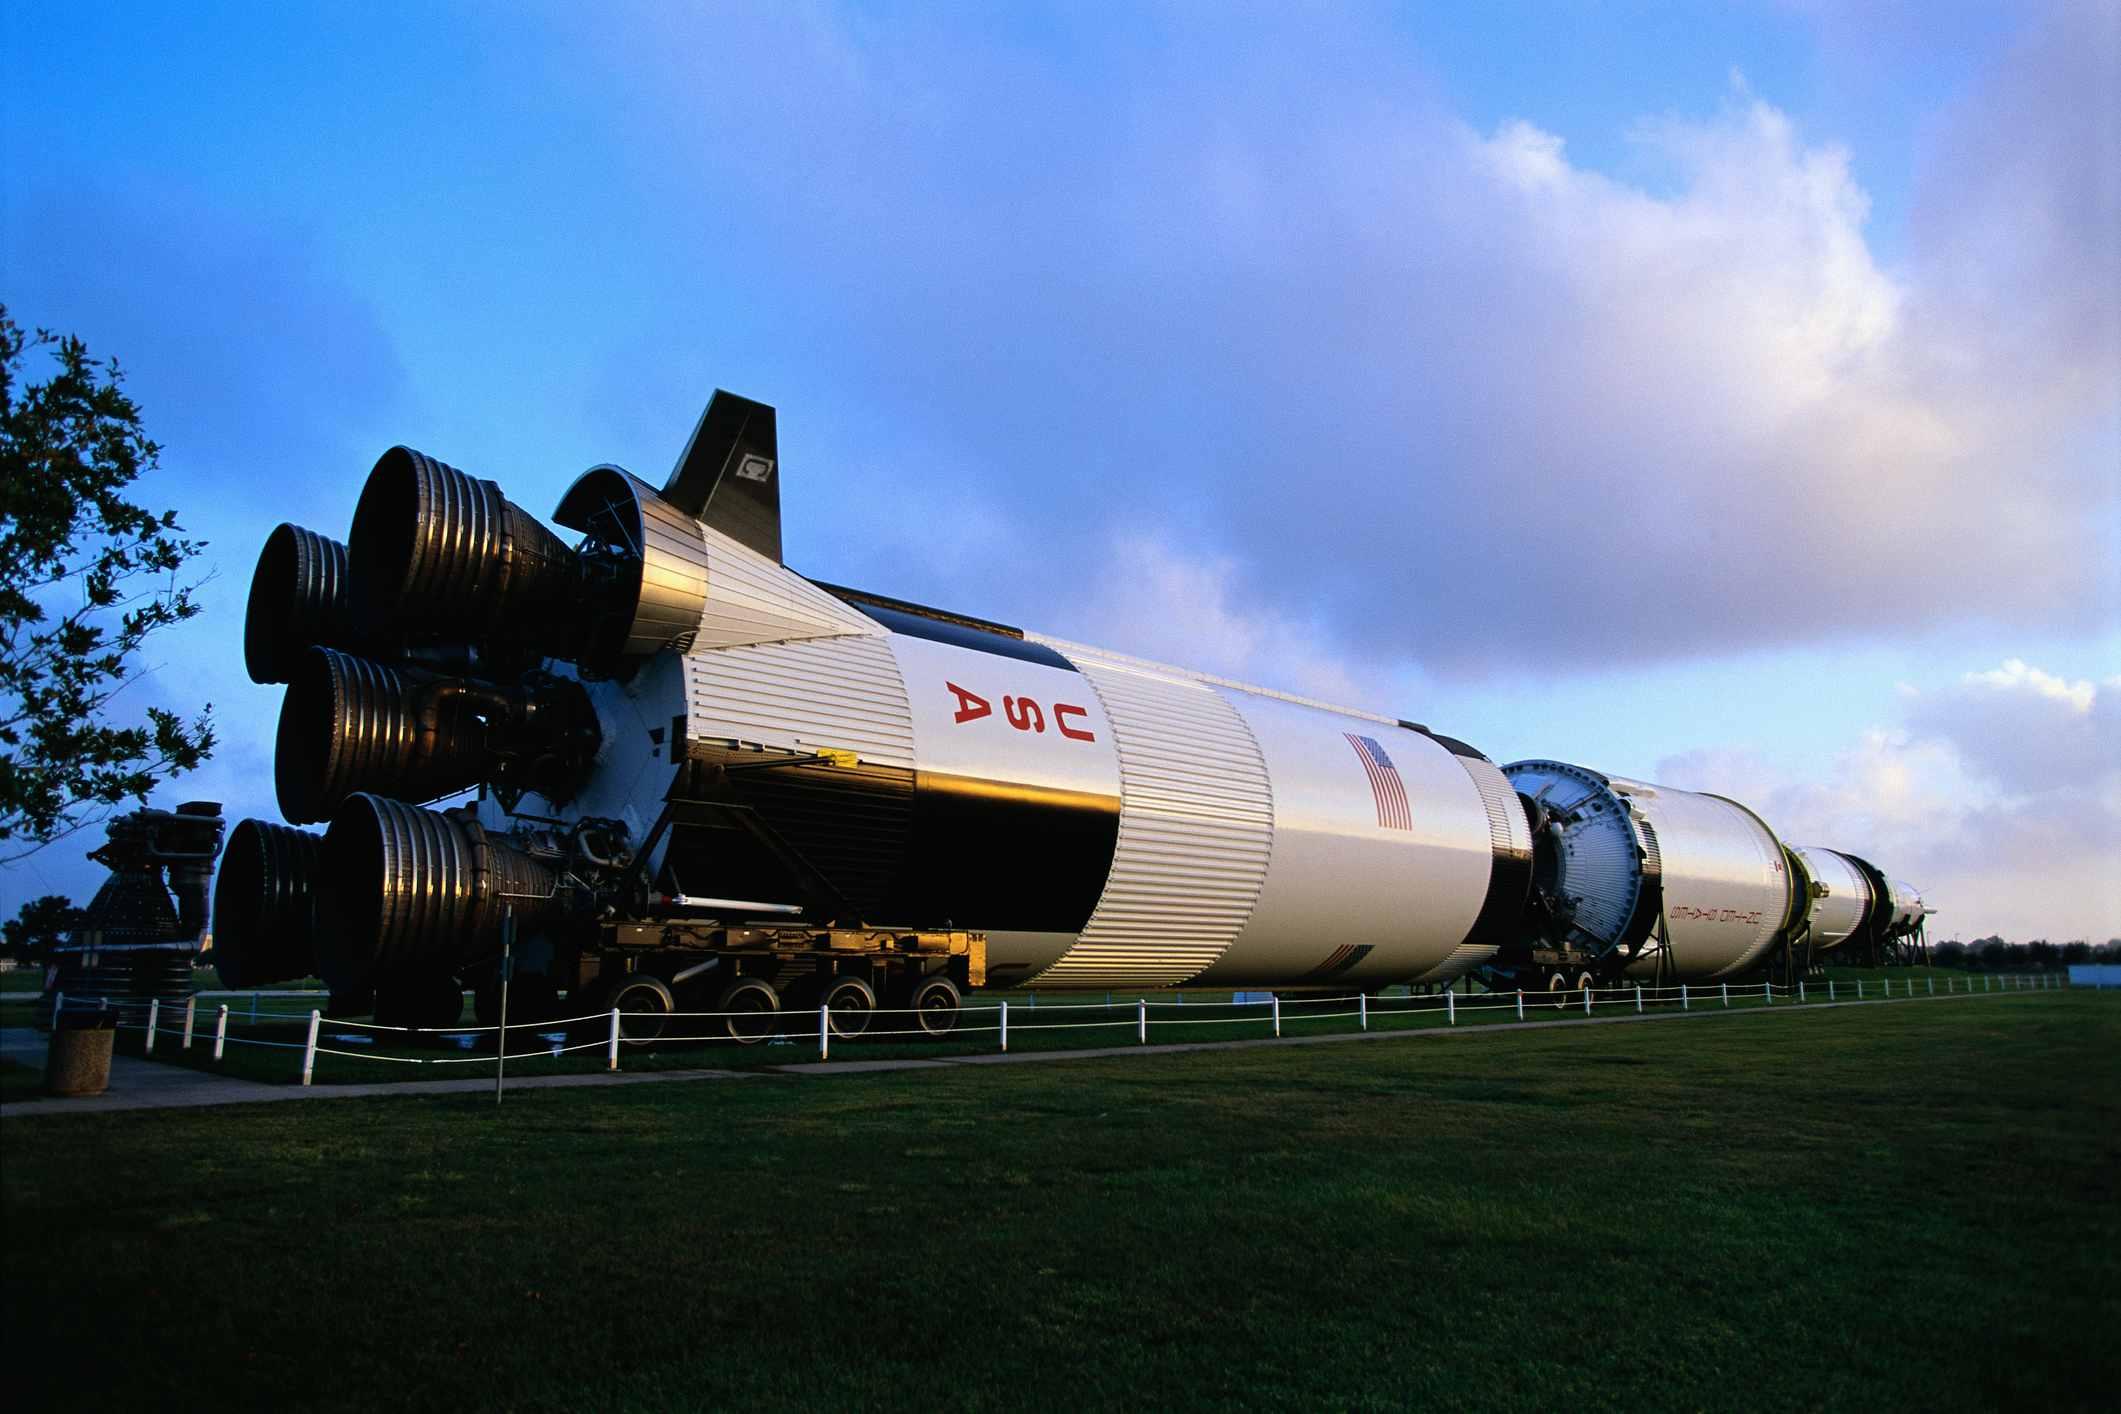 Saturn V Rocket at Johnson Space Center